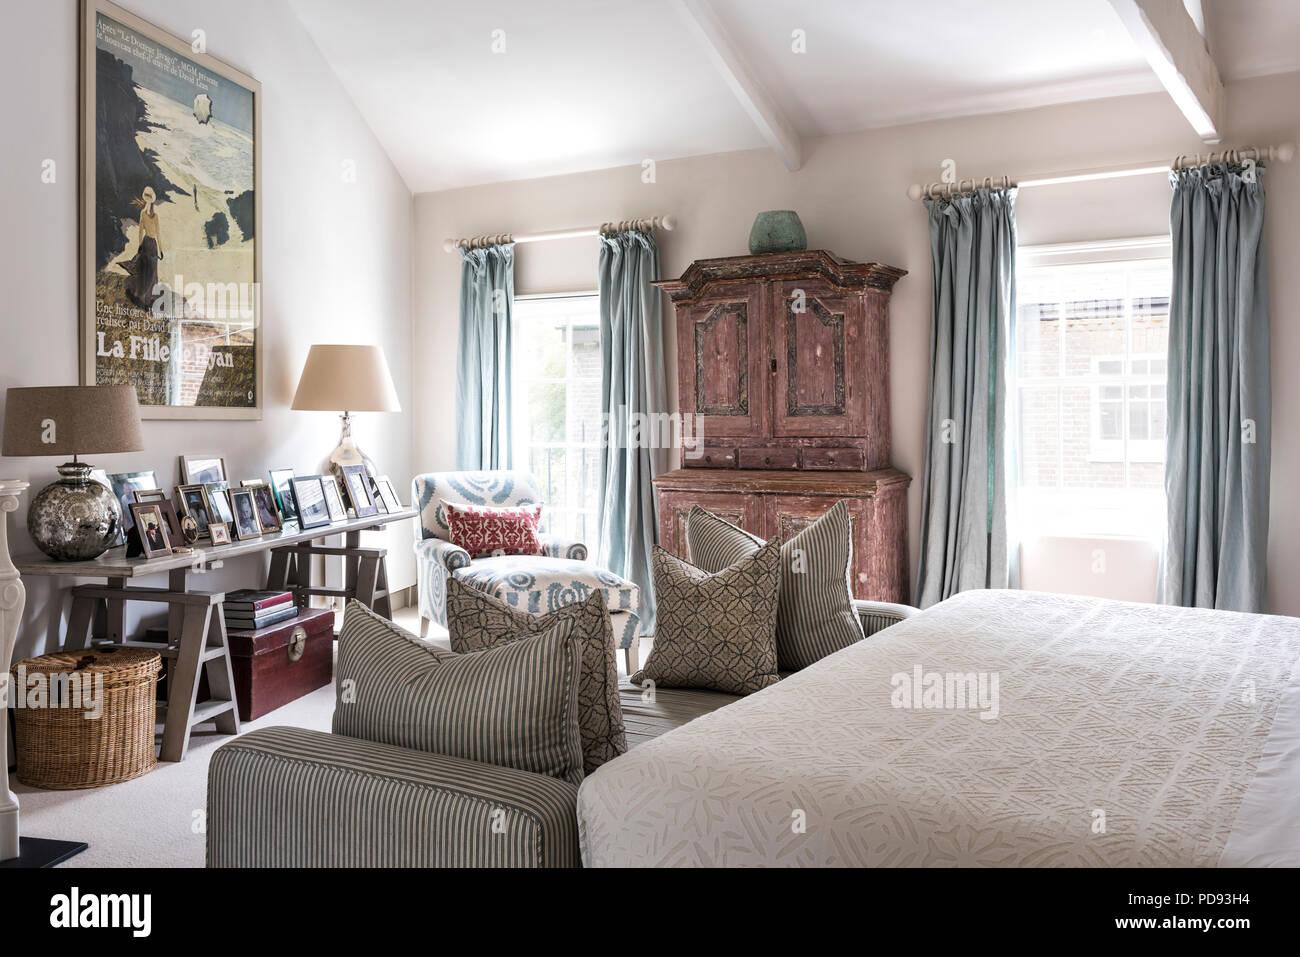 Camera Da Letto Rosa Antico : Rosa antico armadio in camera da letto con un grande film vintage